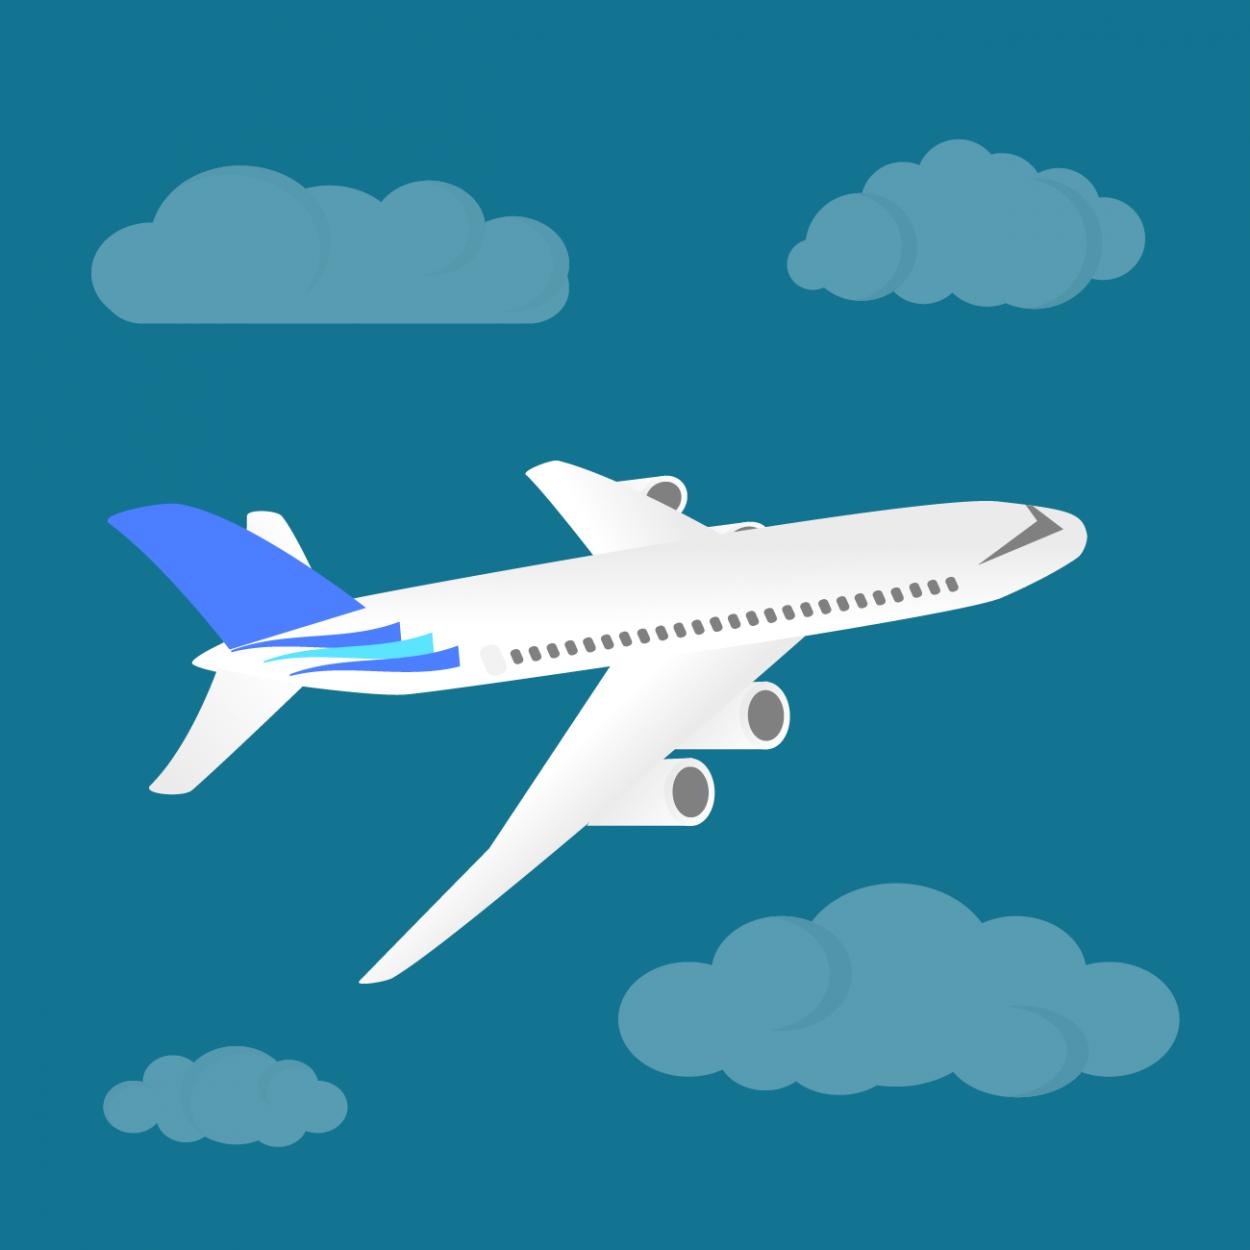 Иллюстрация к анекдоту про двух статистов на борту самолёта